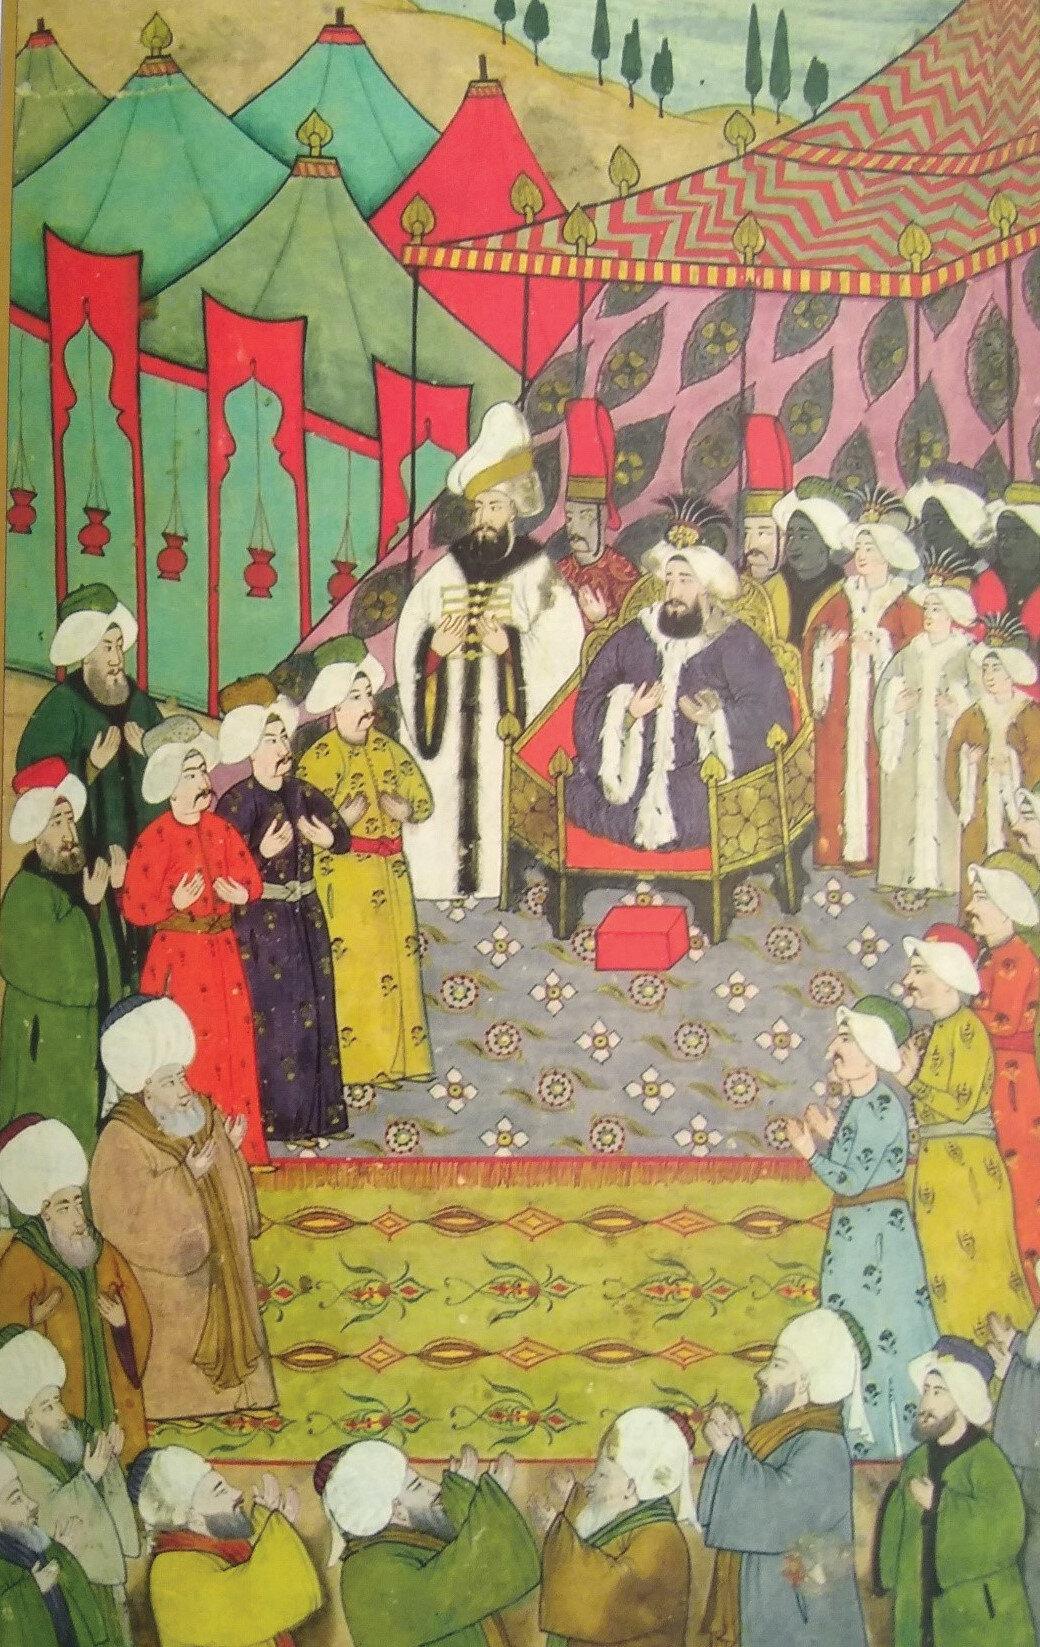 Sultan Ahmed yanında şehzadeleri olduğu halde Selatin camileri şeyhlerini kabul ederken herkes elleri duaya kaldırmış olarak görülüyor.